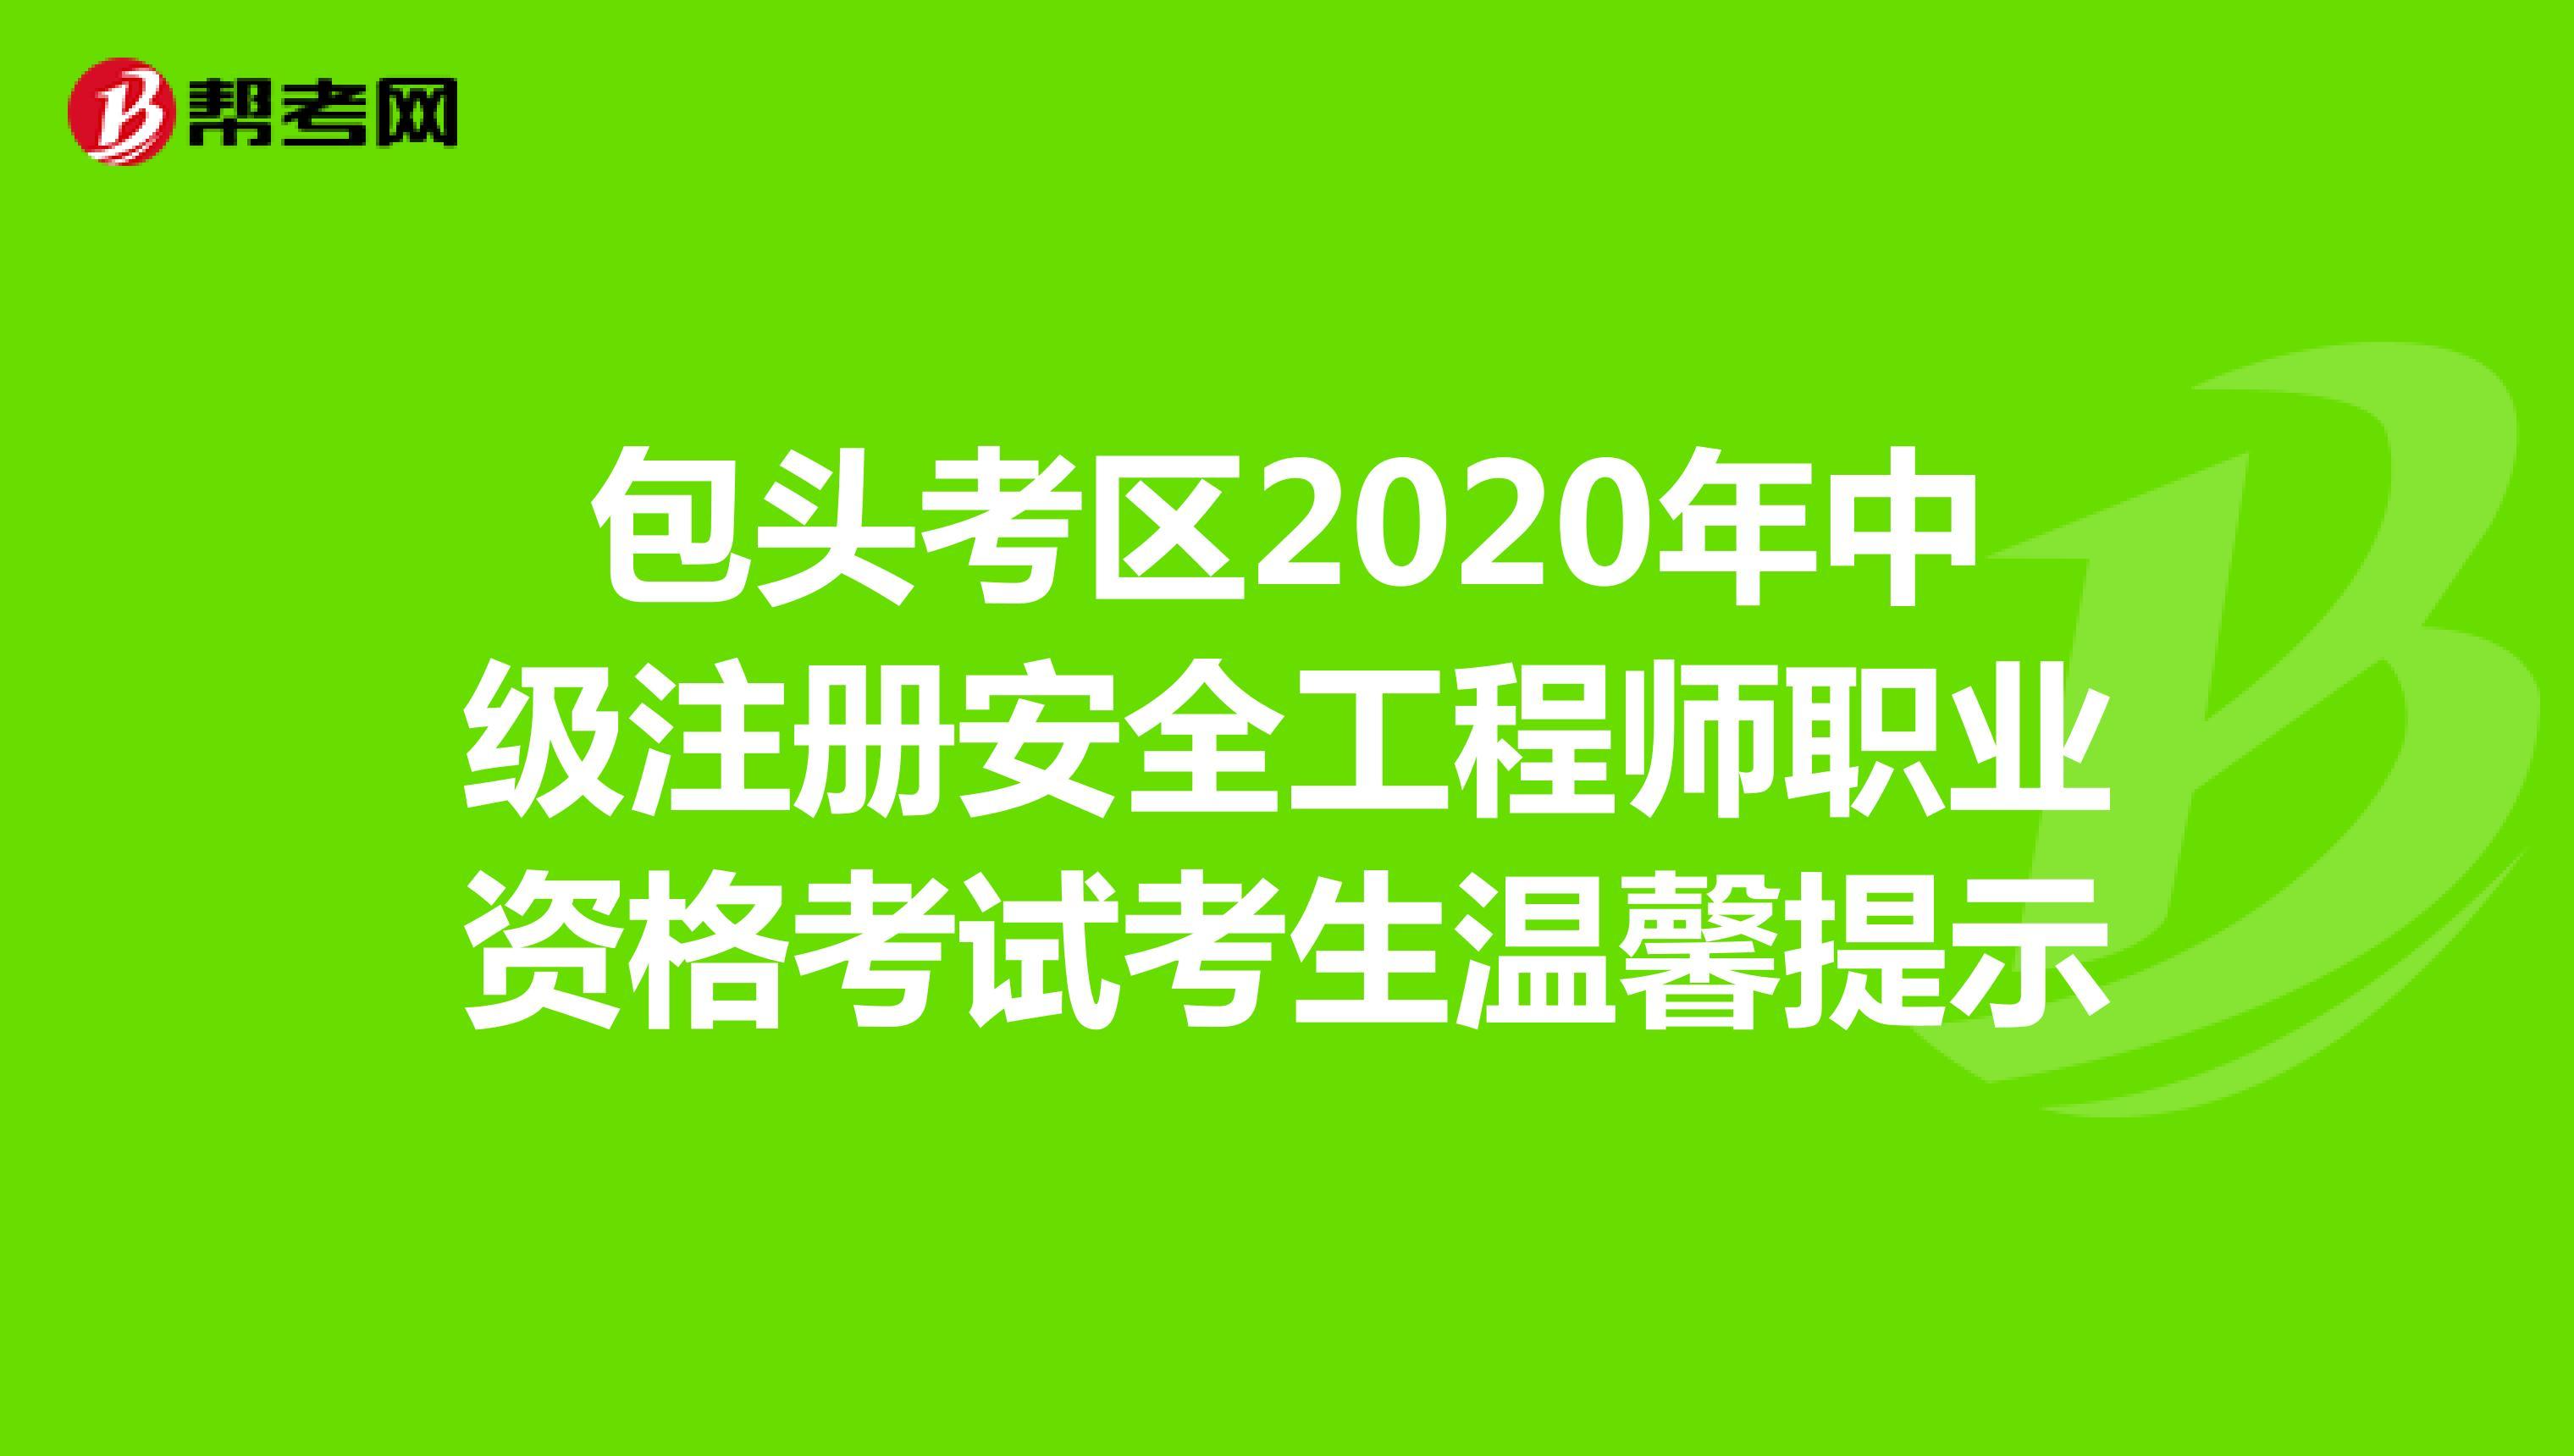 包頭考區2020年中級注冊安全工程師考試考生溫馨提示